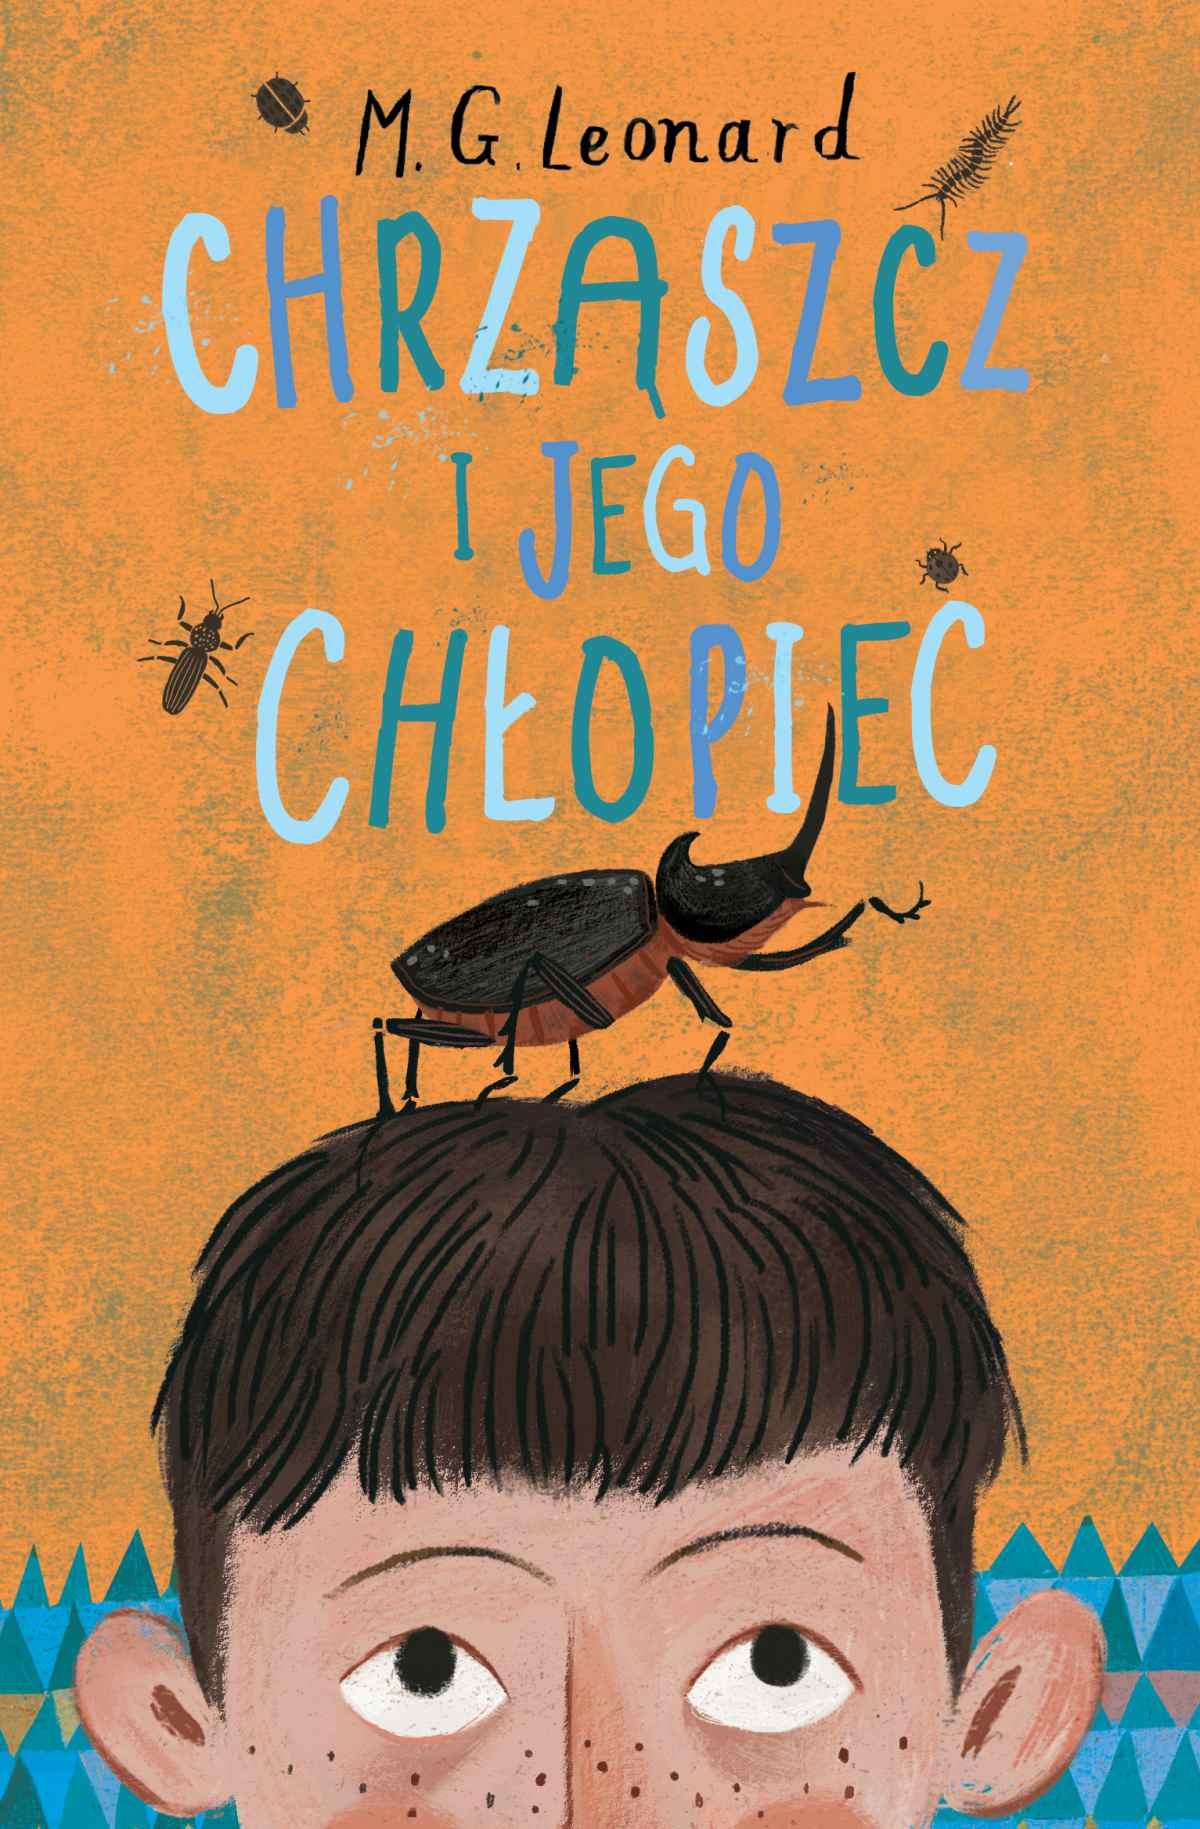 Chrząszcz i jego chłopiec - Ebook (Książka na Kindle) do pobrania w formacie MOBI